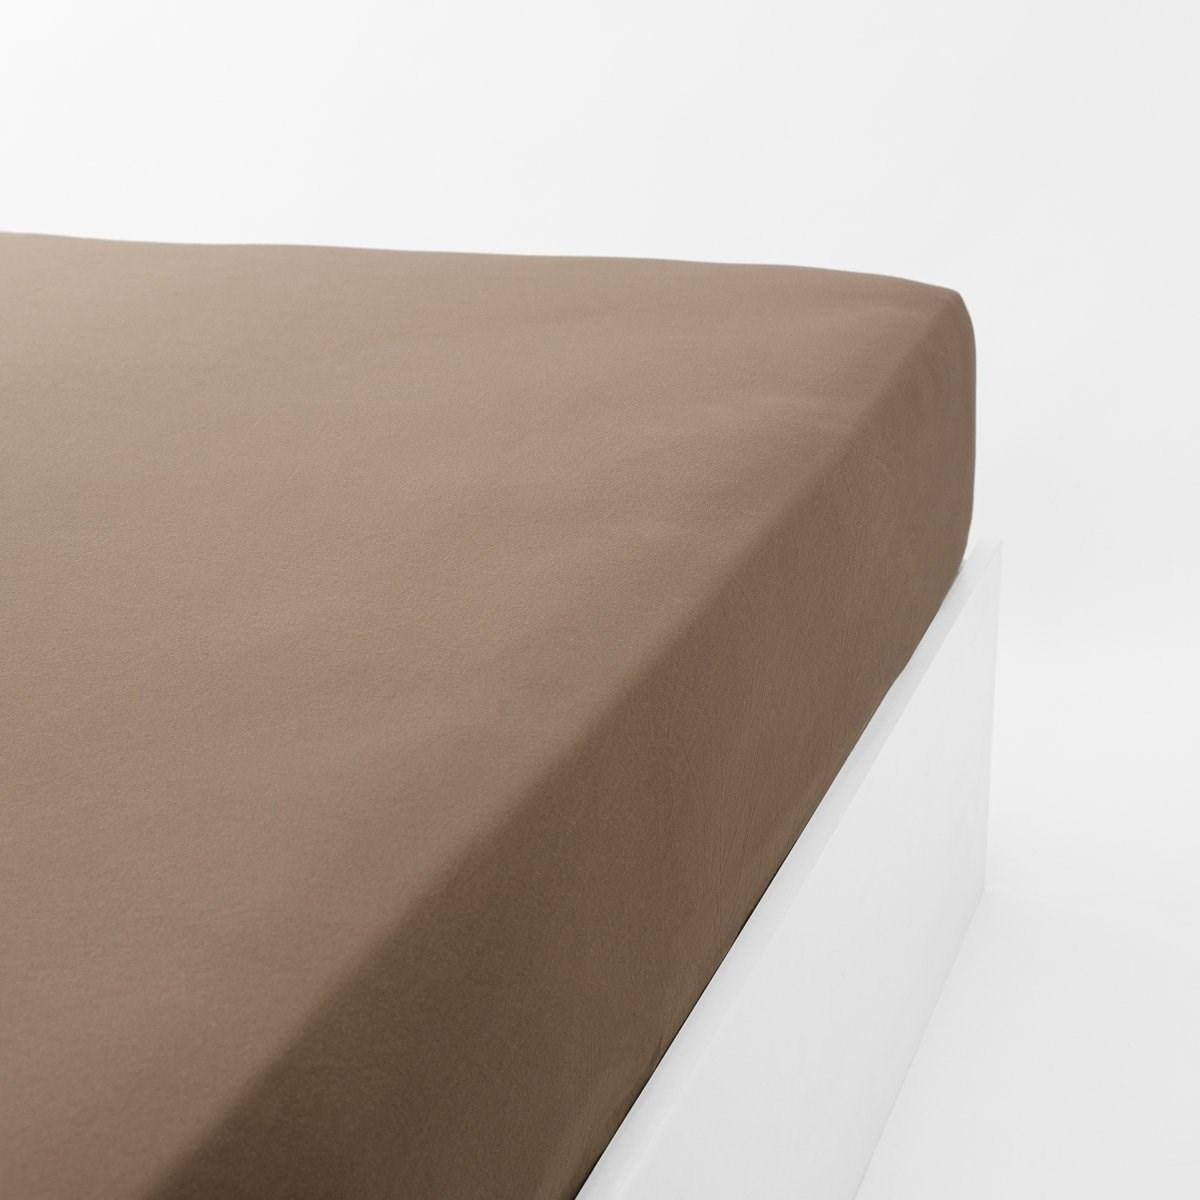 Drap housse jersey extensible en coton marron 140x190 cm